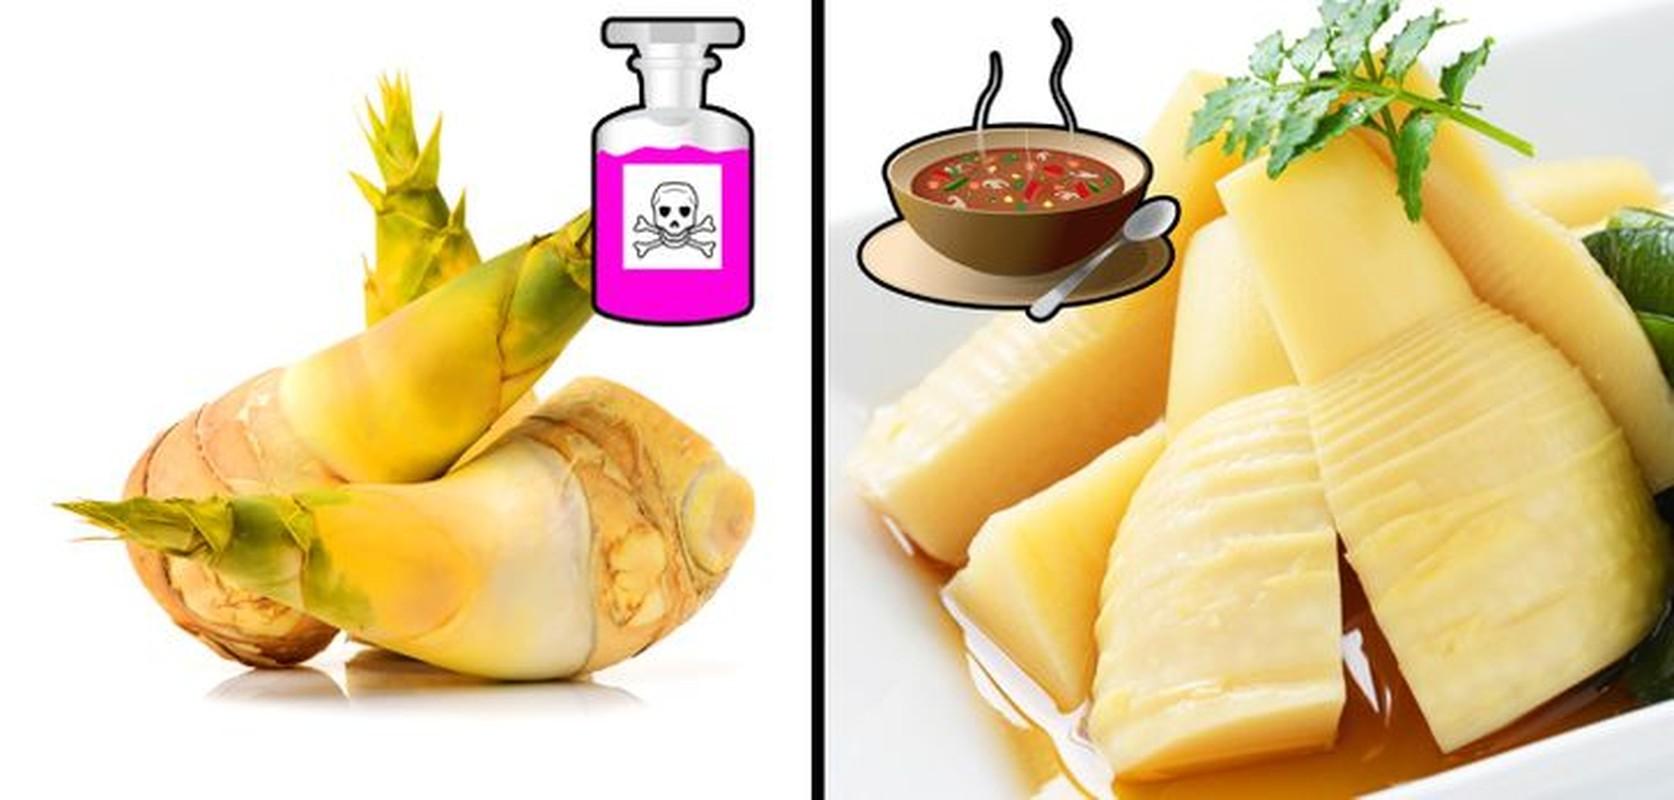 Diem danh 10 loai thuc pham chua doc to co the lam hai ban-Hinh-5